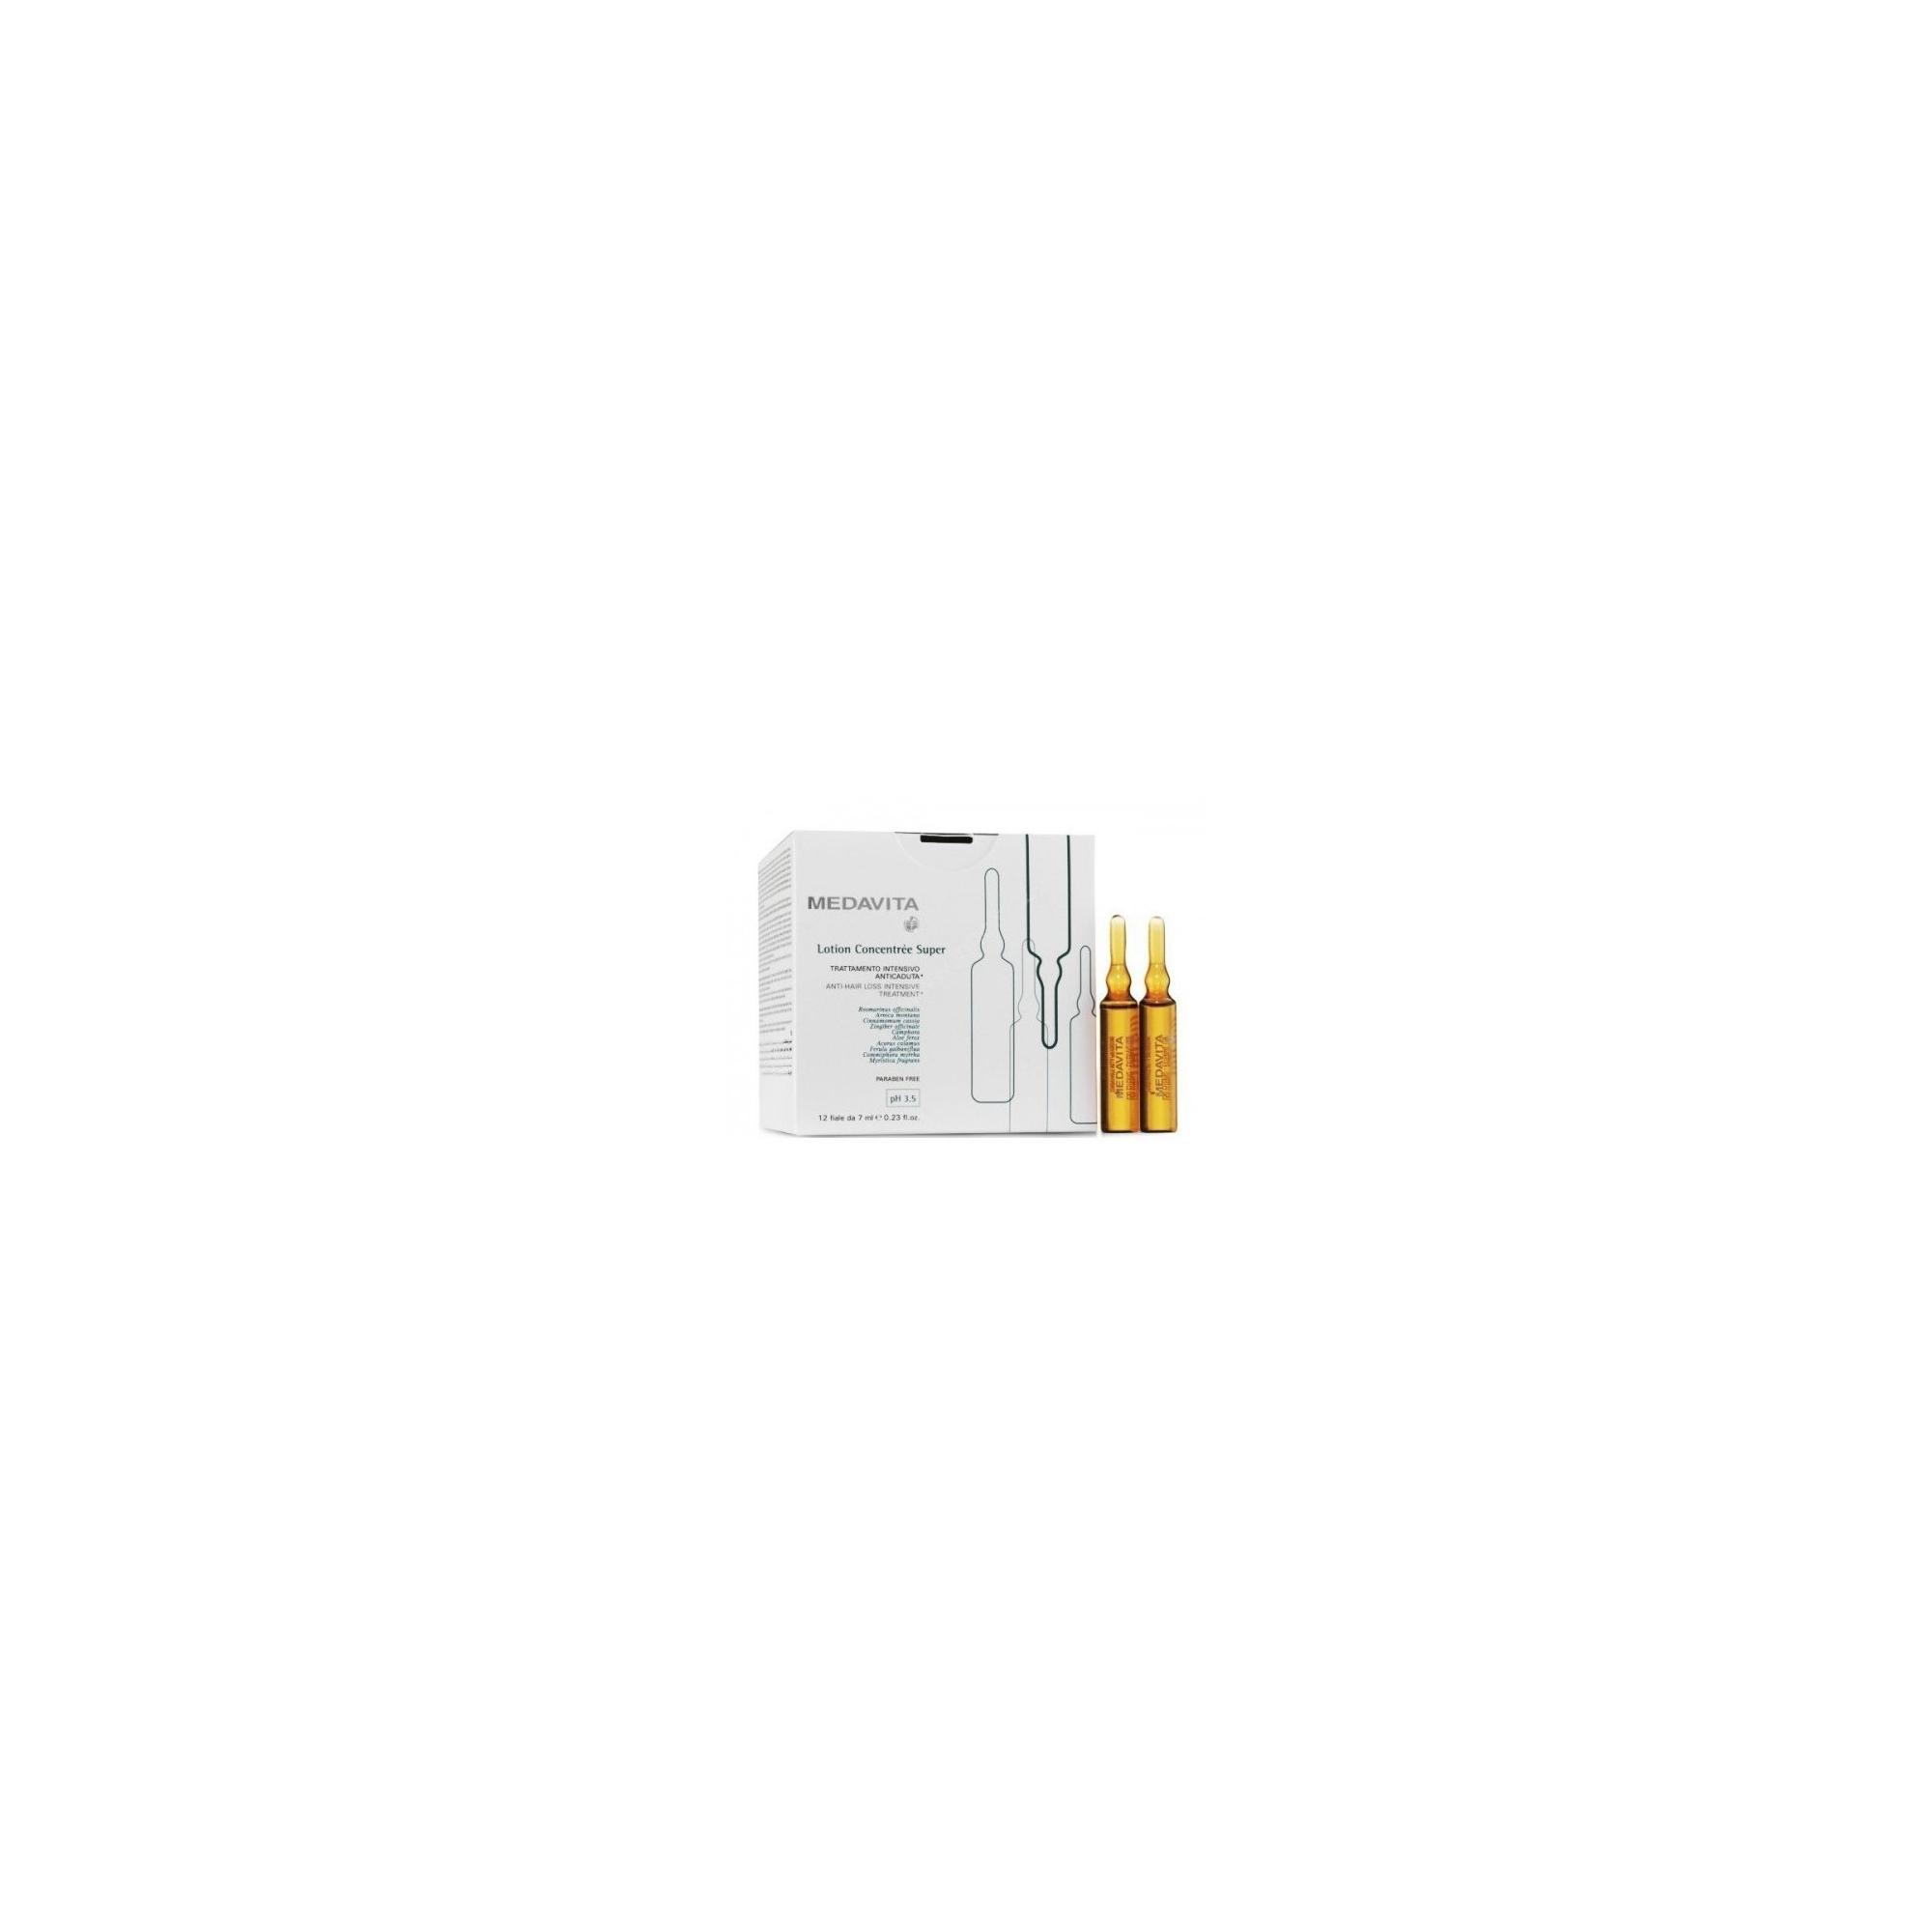 MEDAVITA LOTION CONCENTREE SUPER  PH 3,5 12 FIALE X 6ML